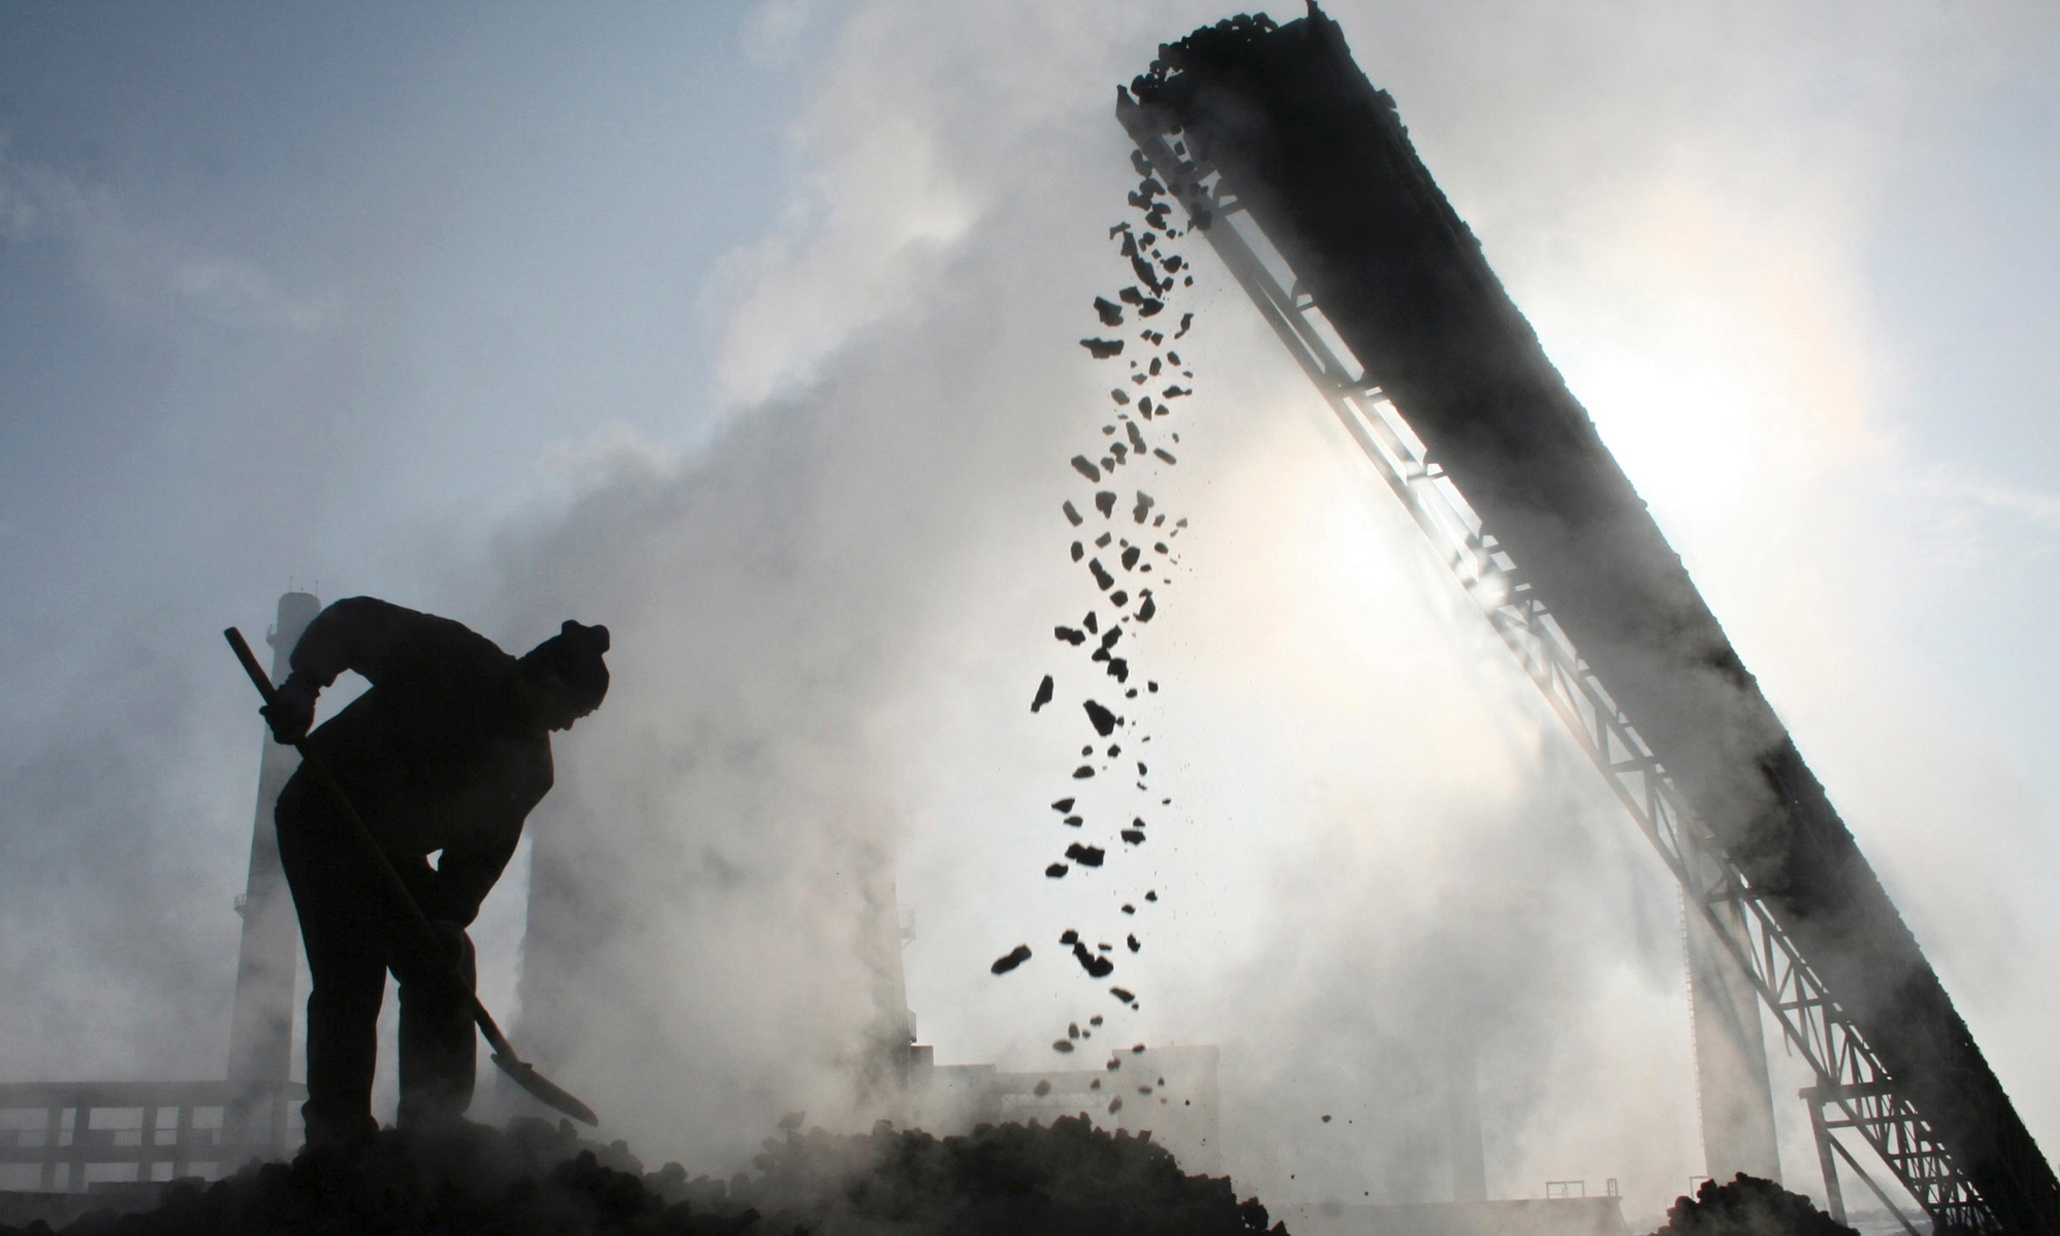 2017 ithal kömür yılı olsun!